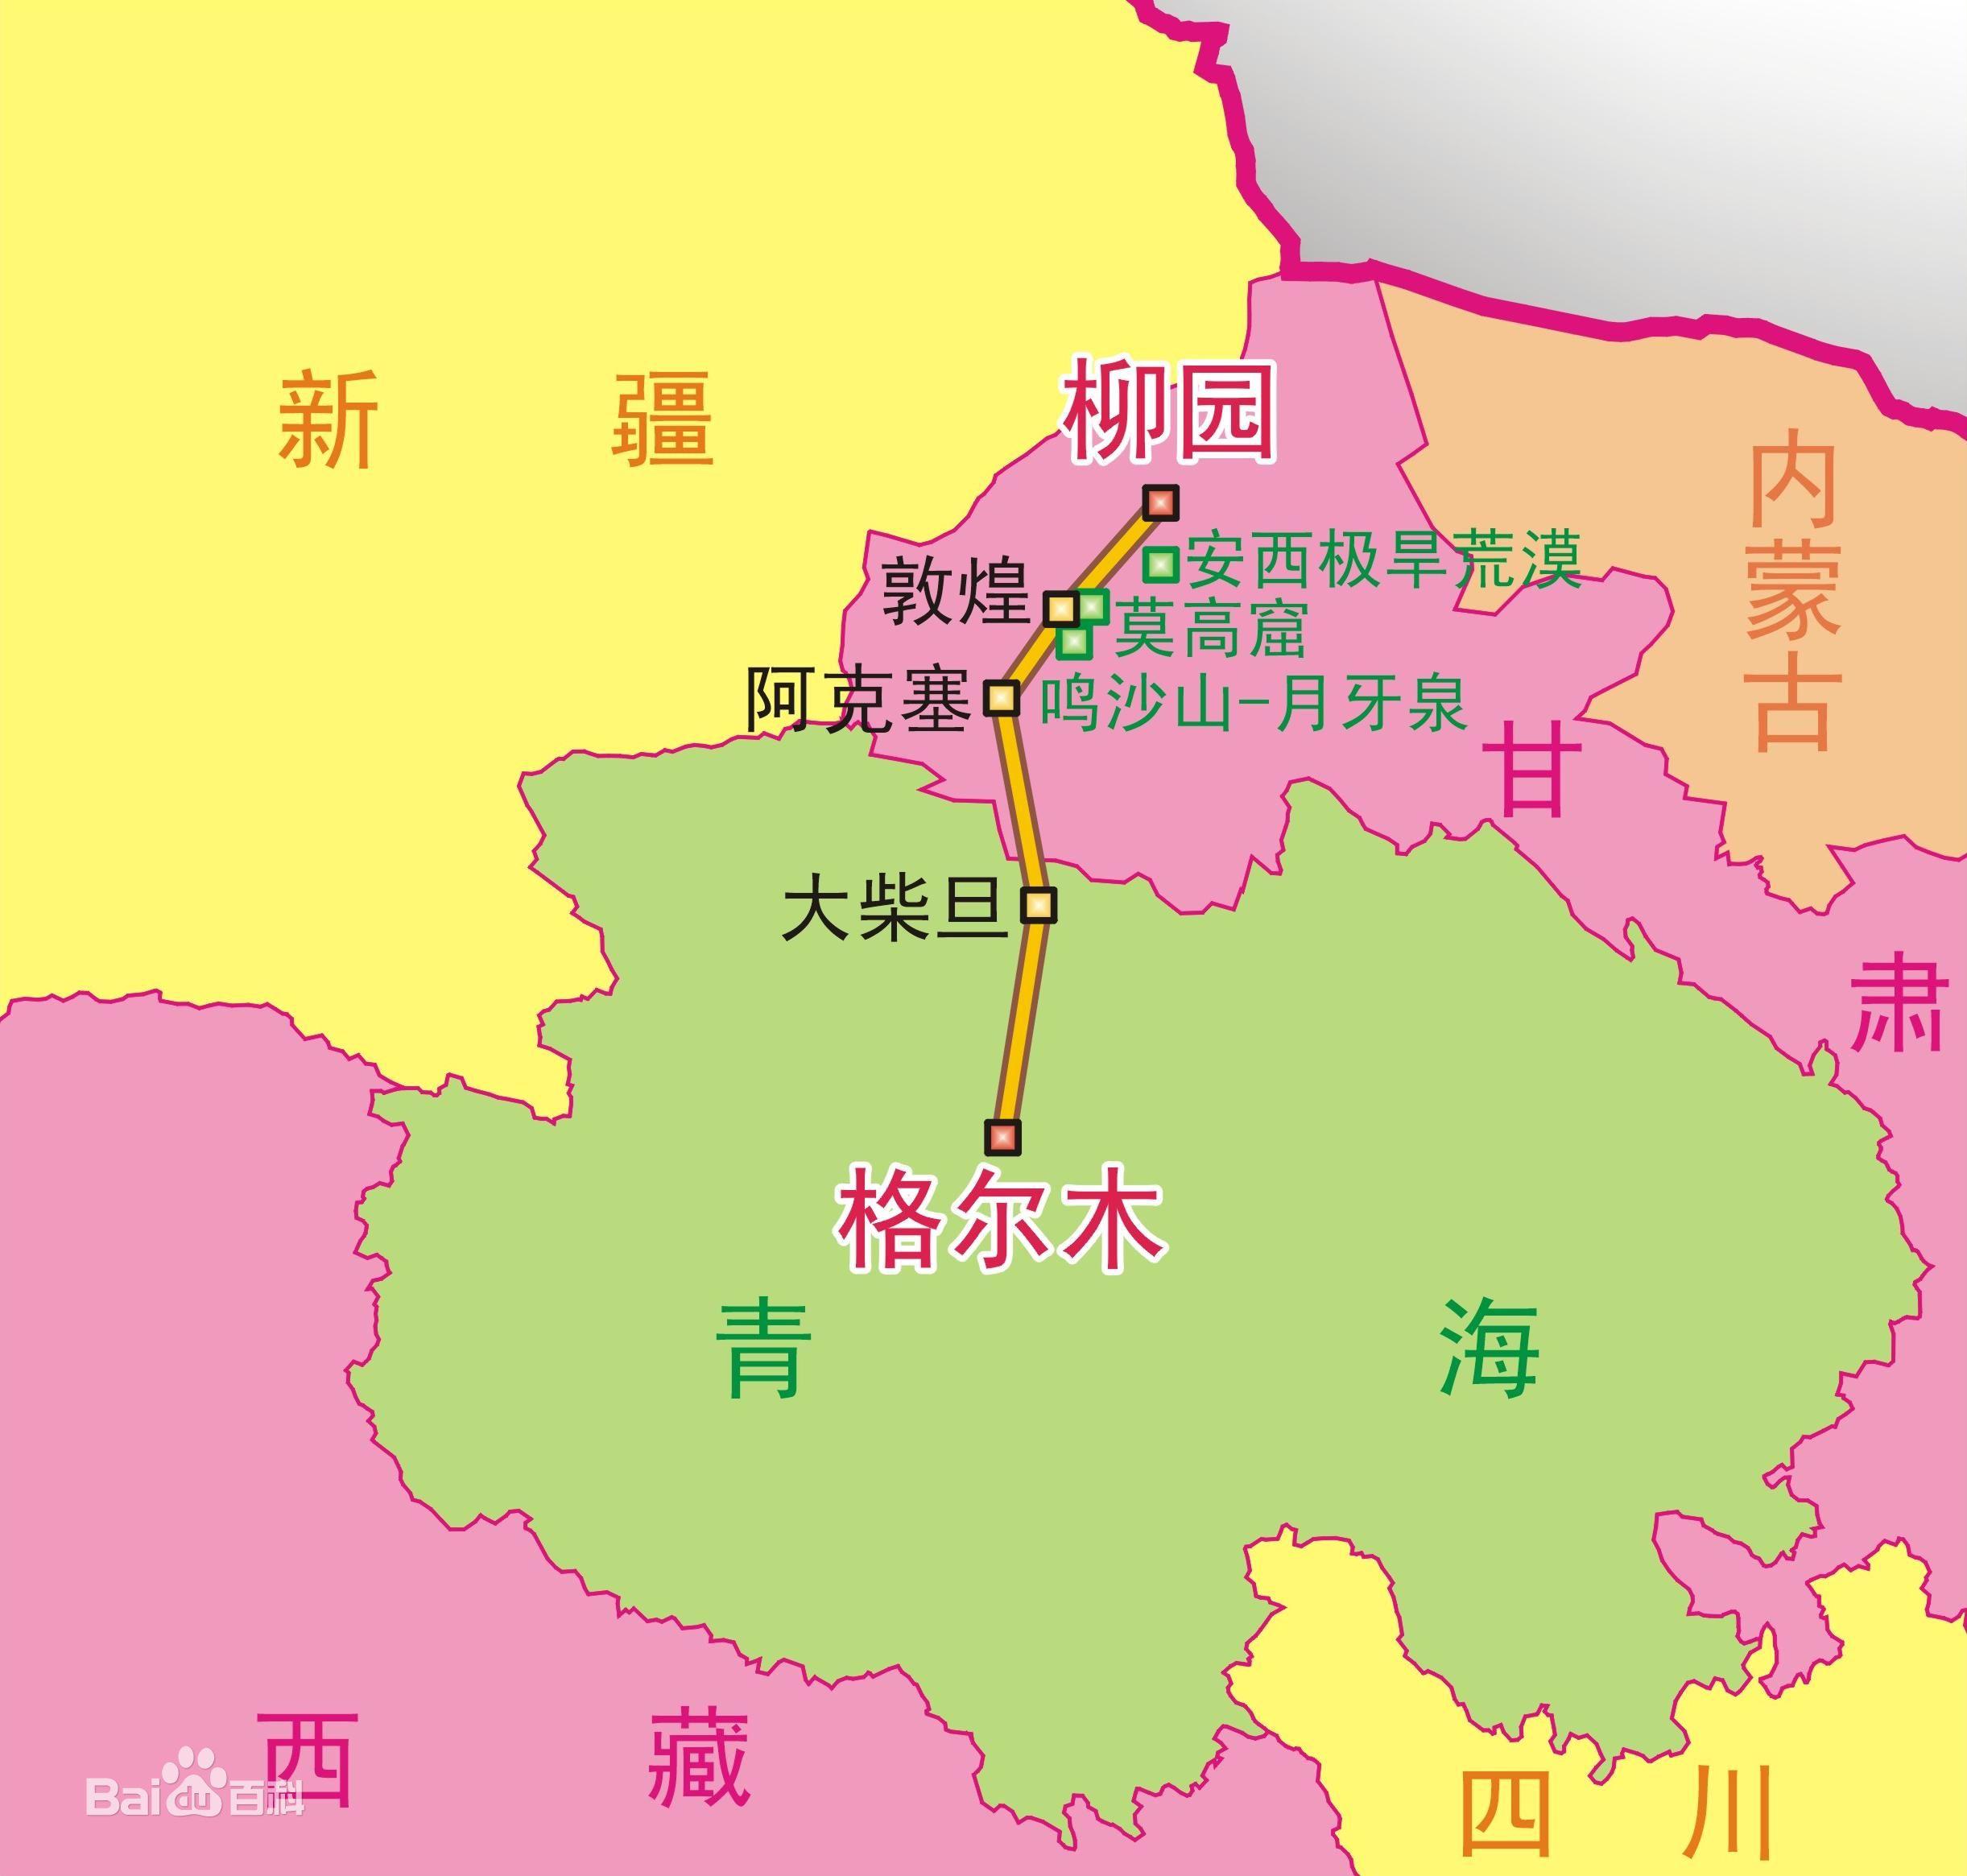 215国道线路地图